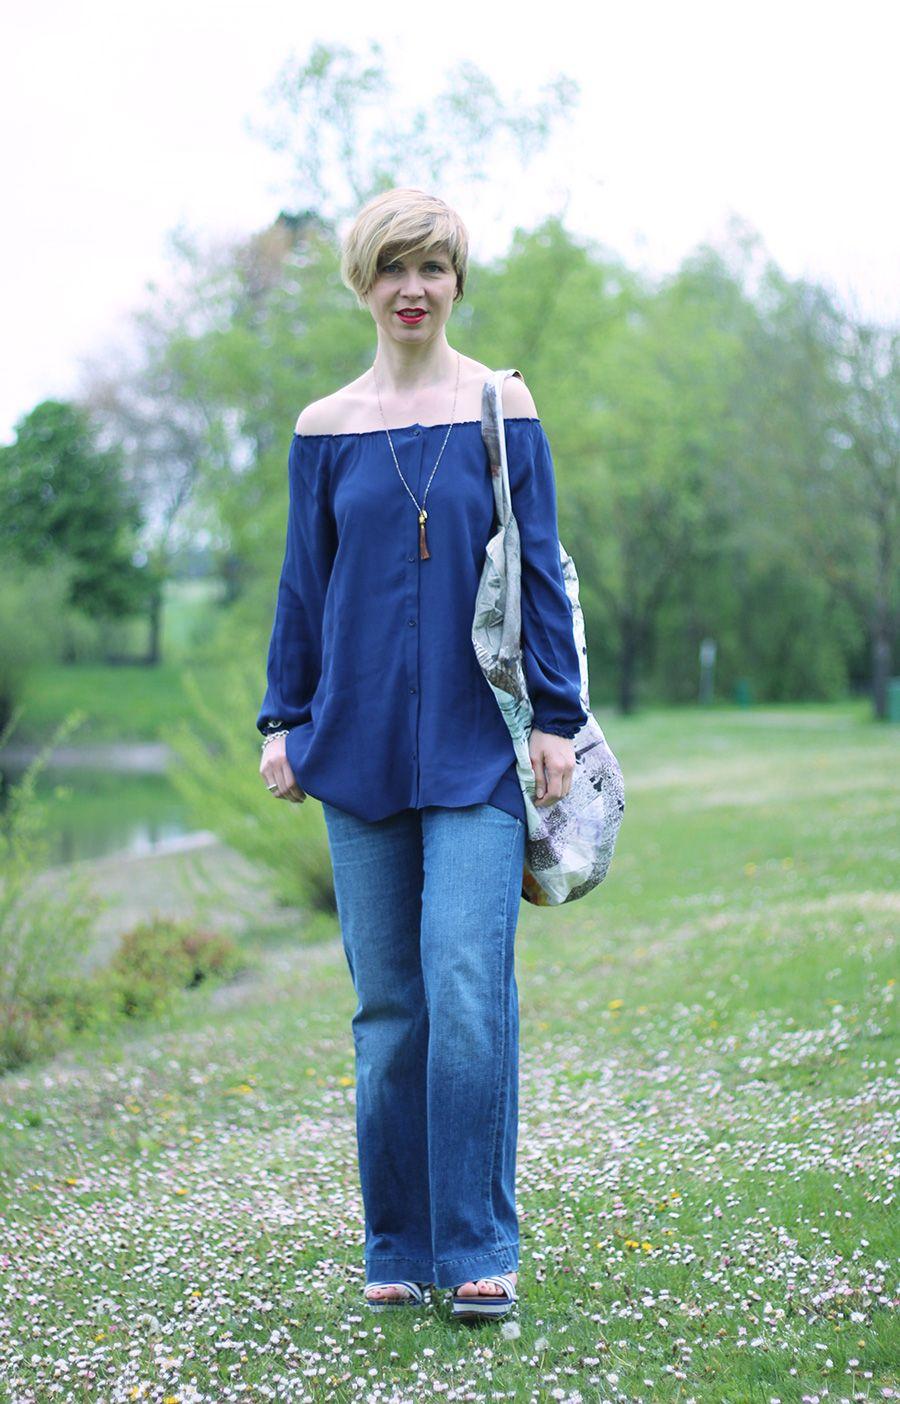 Ana maría posando en blusa azul | Tetas | Pinterest | Blusa azul ...